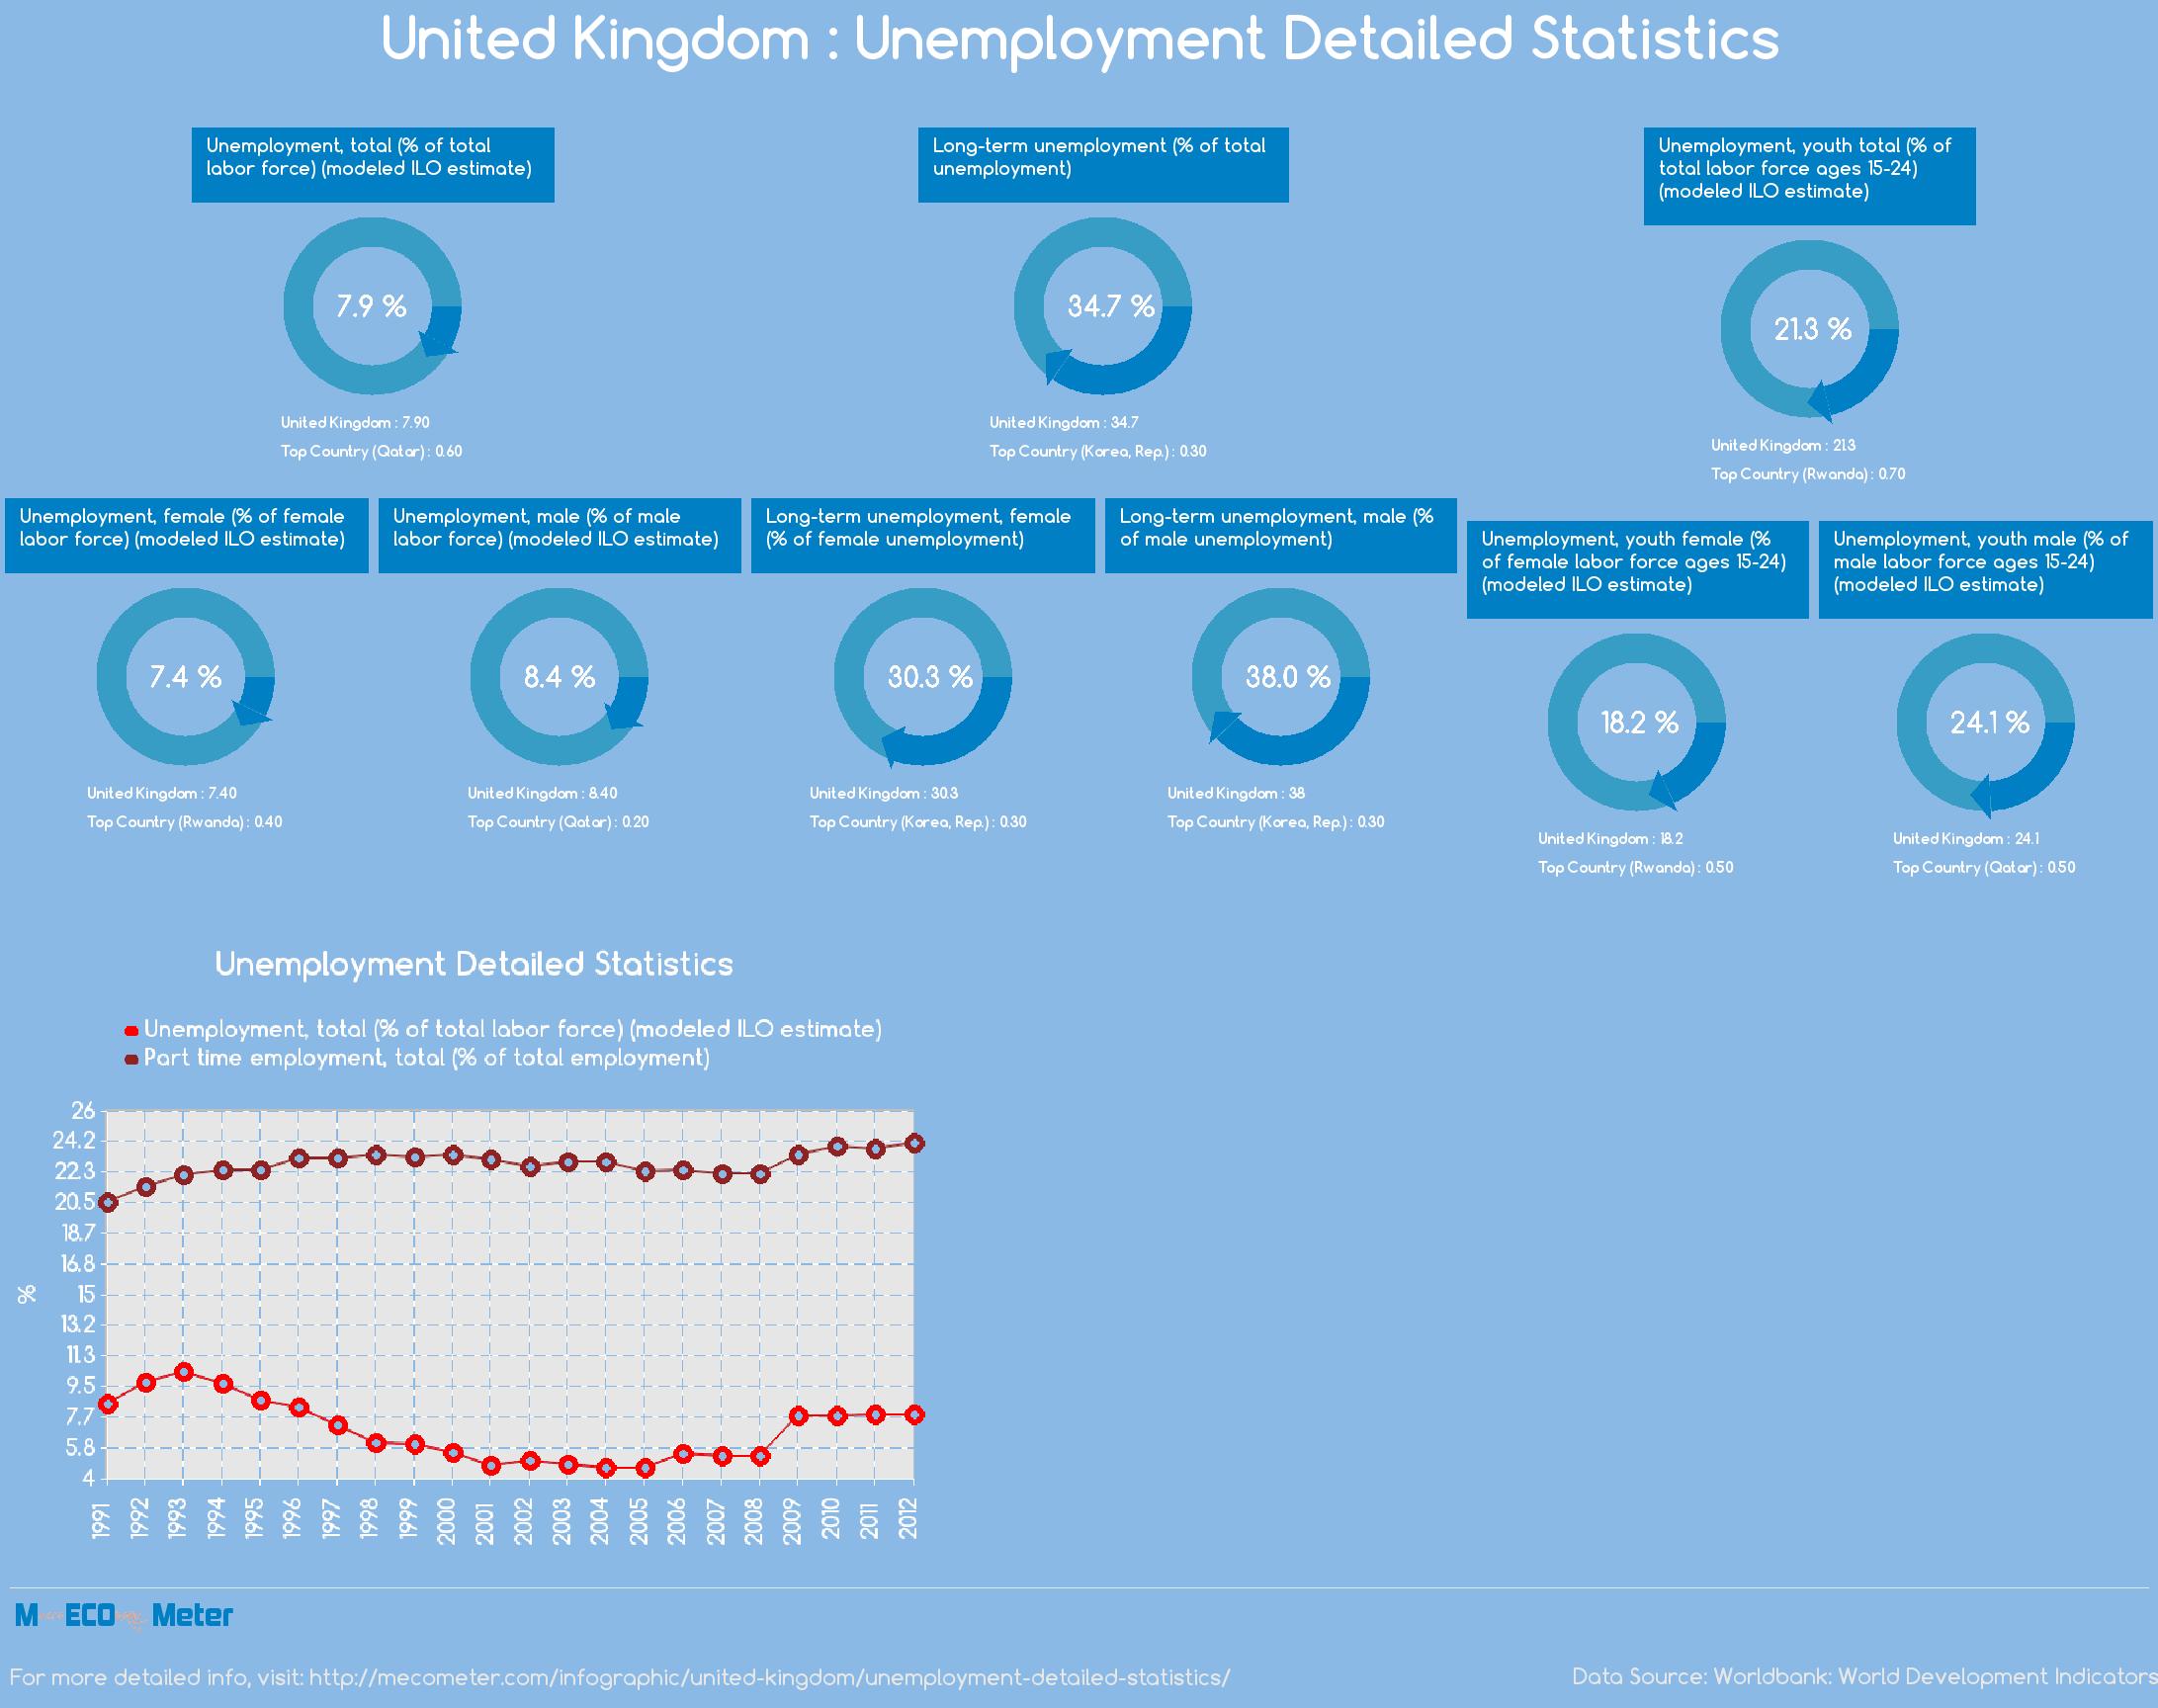 United Kingdom : Unemployment Detailed Statistics